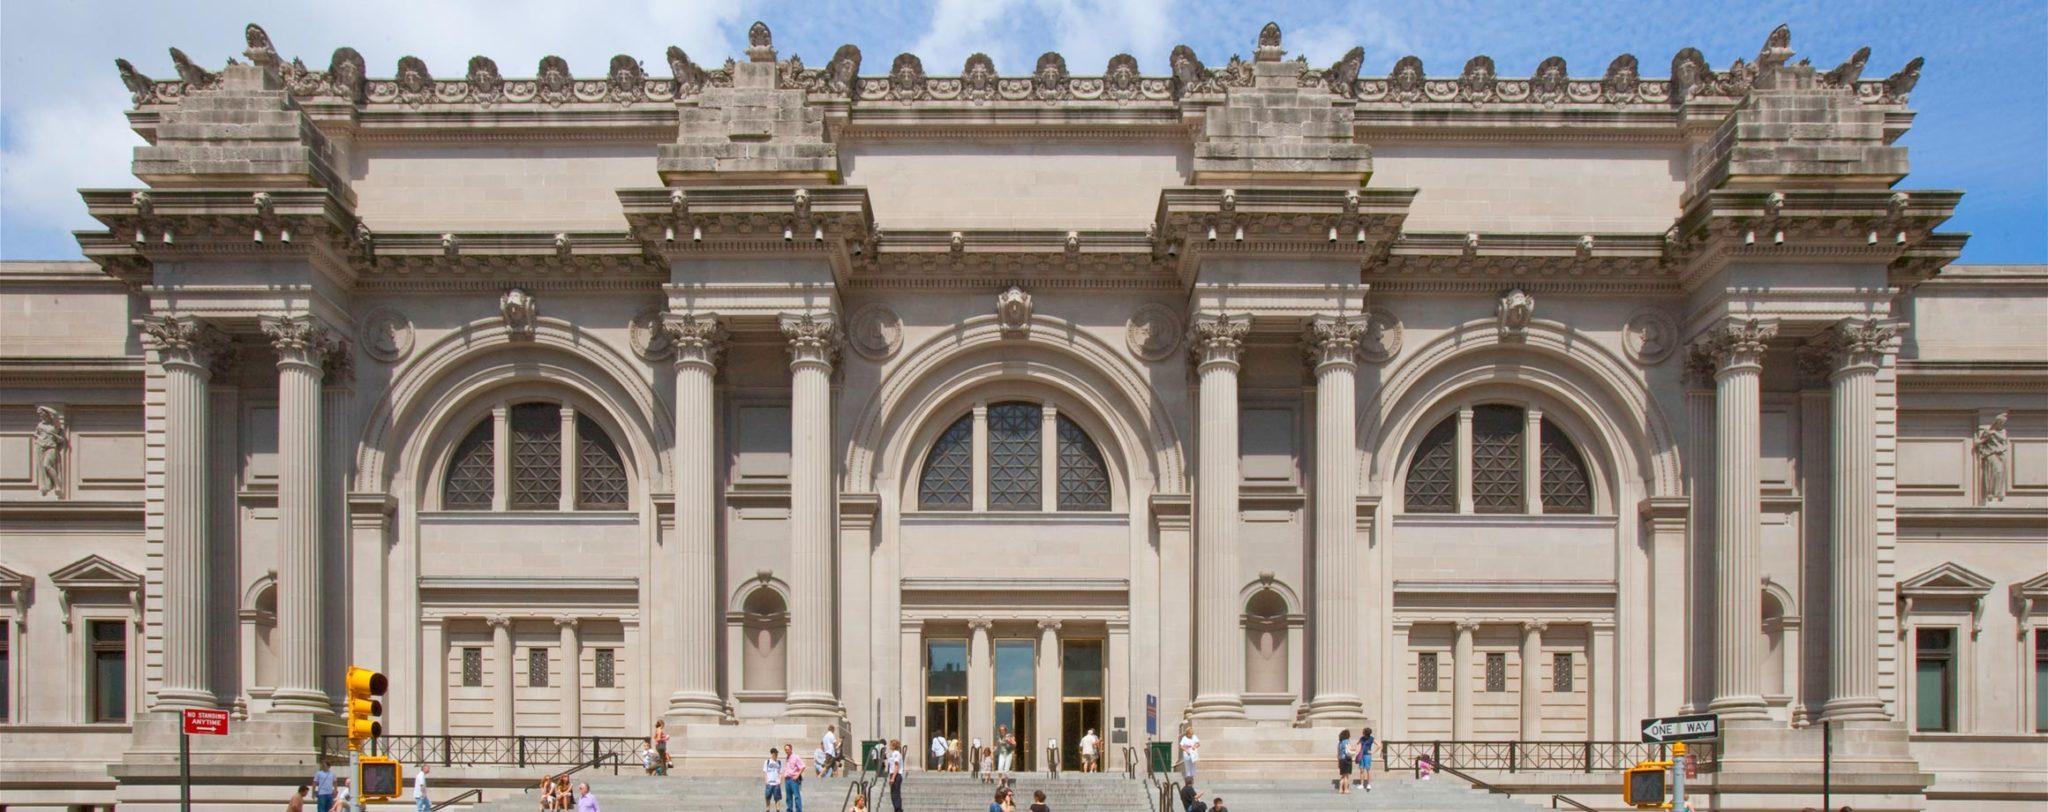 Metropolitan museum CHANEL Esprit de Gabrielle espritdegabrielle.com